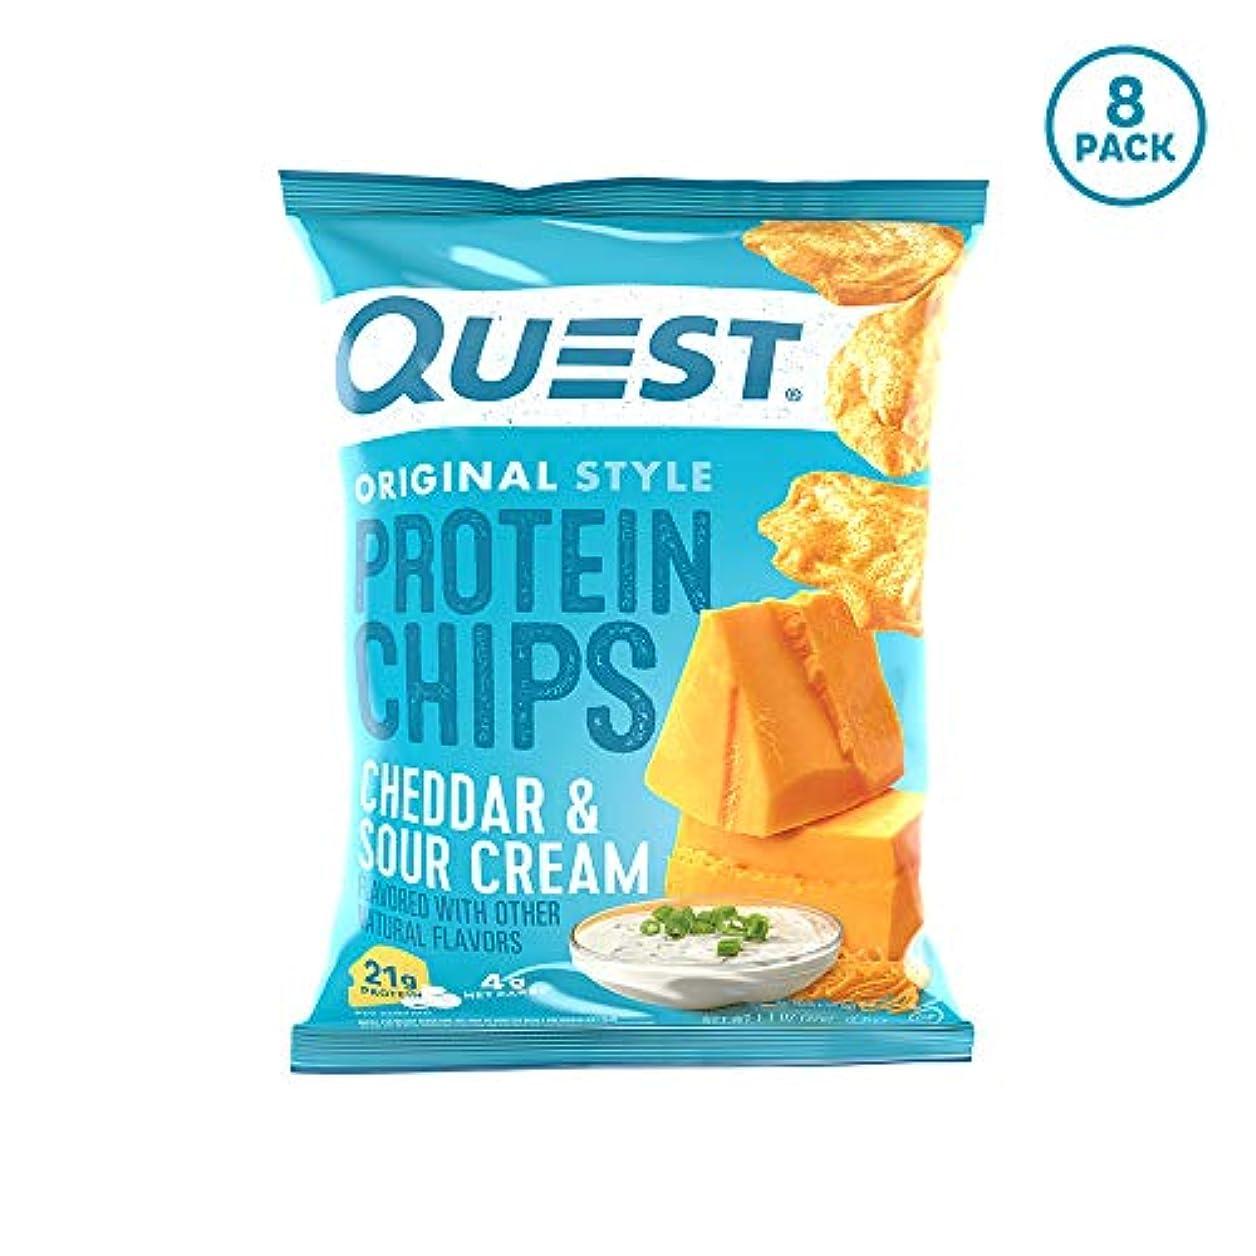 トラフタイプライター特定のプロテイン チップス チェダーサワークリーム フレイバー クエスト 8袋セット 並行輸入品 Quest Nutrition Protein Chips Cheddar & Sour Cream Pack of 8 海外直送品